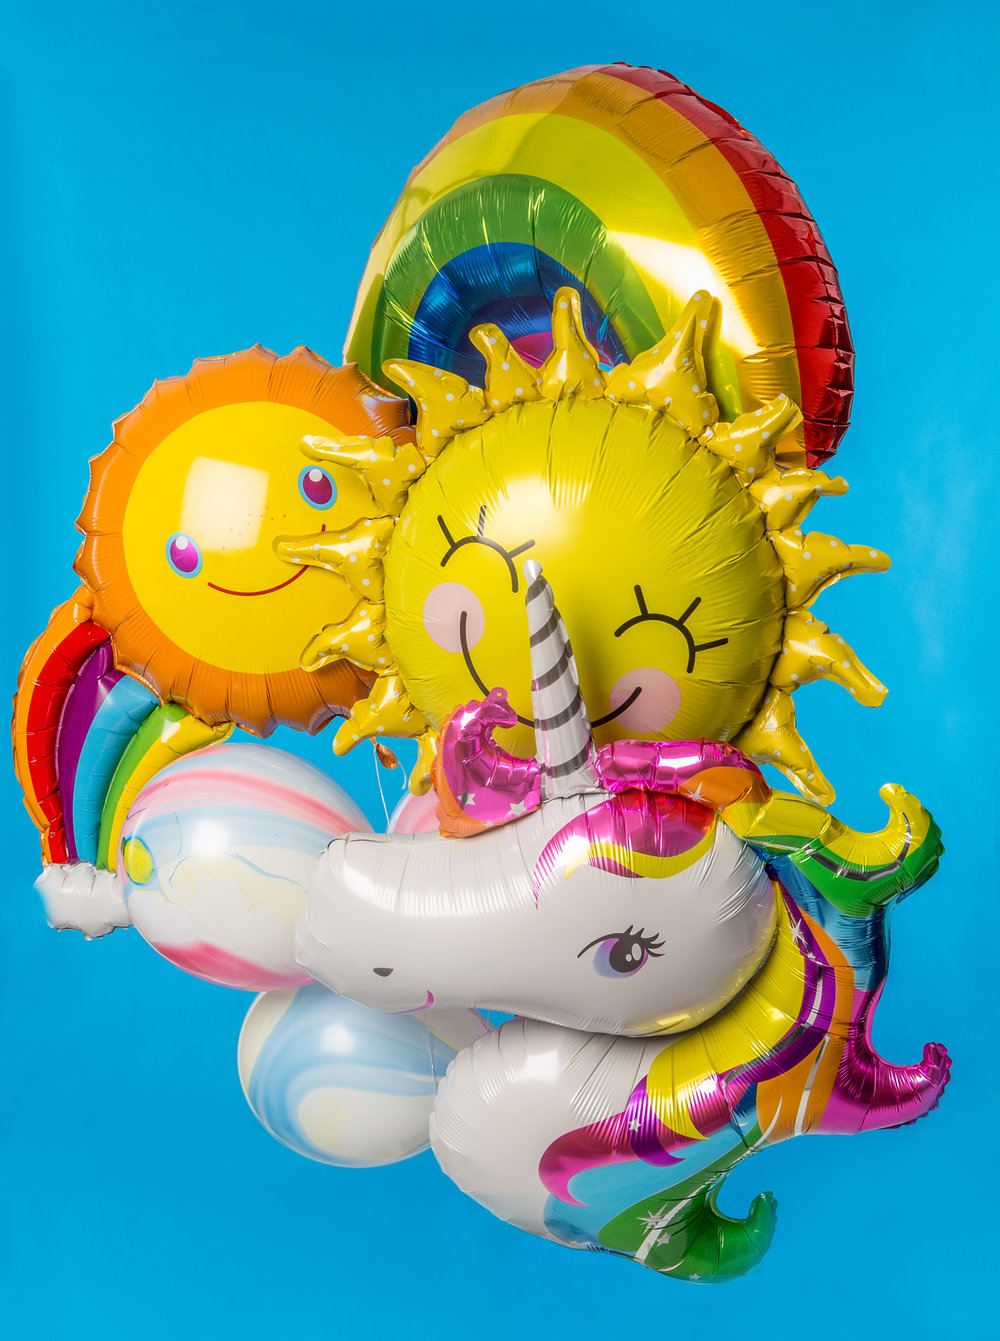 Rainbowballonger